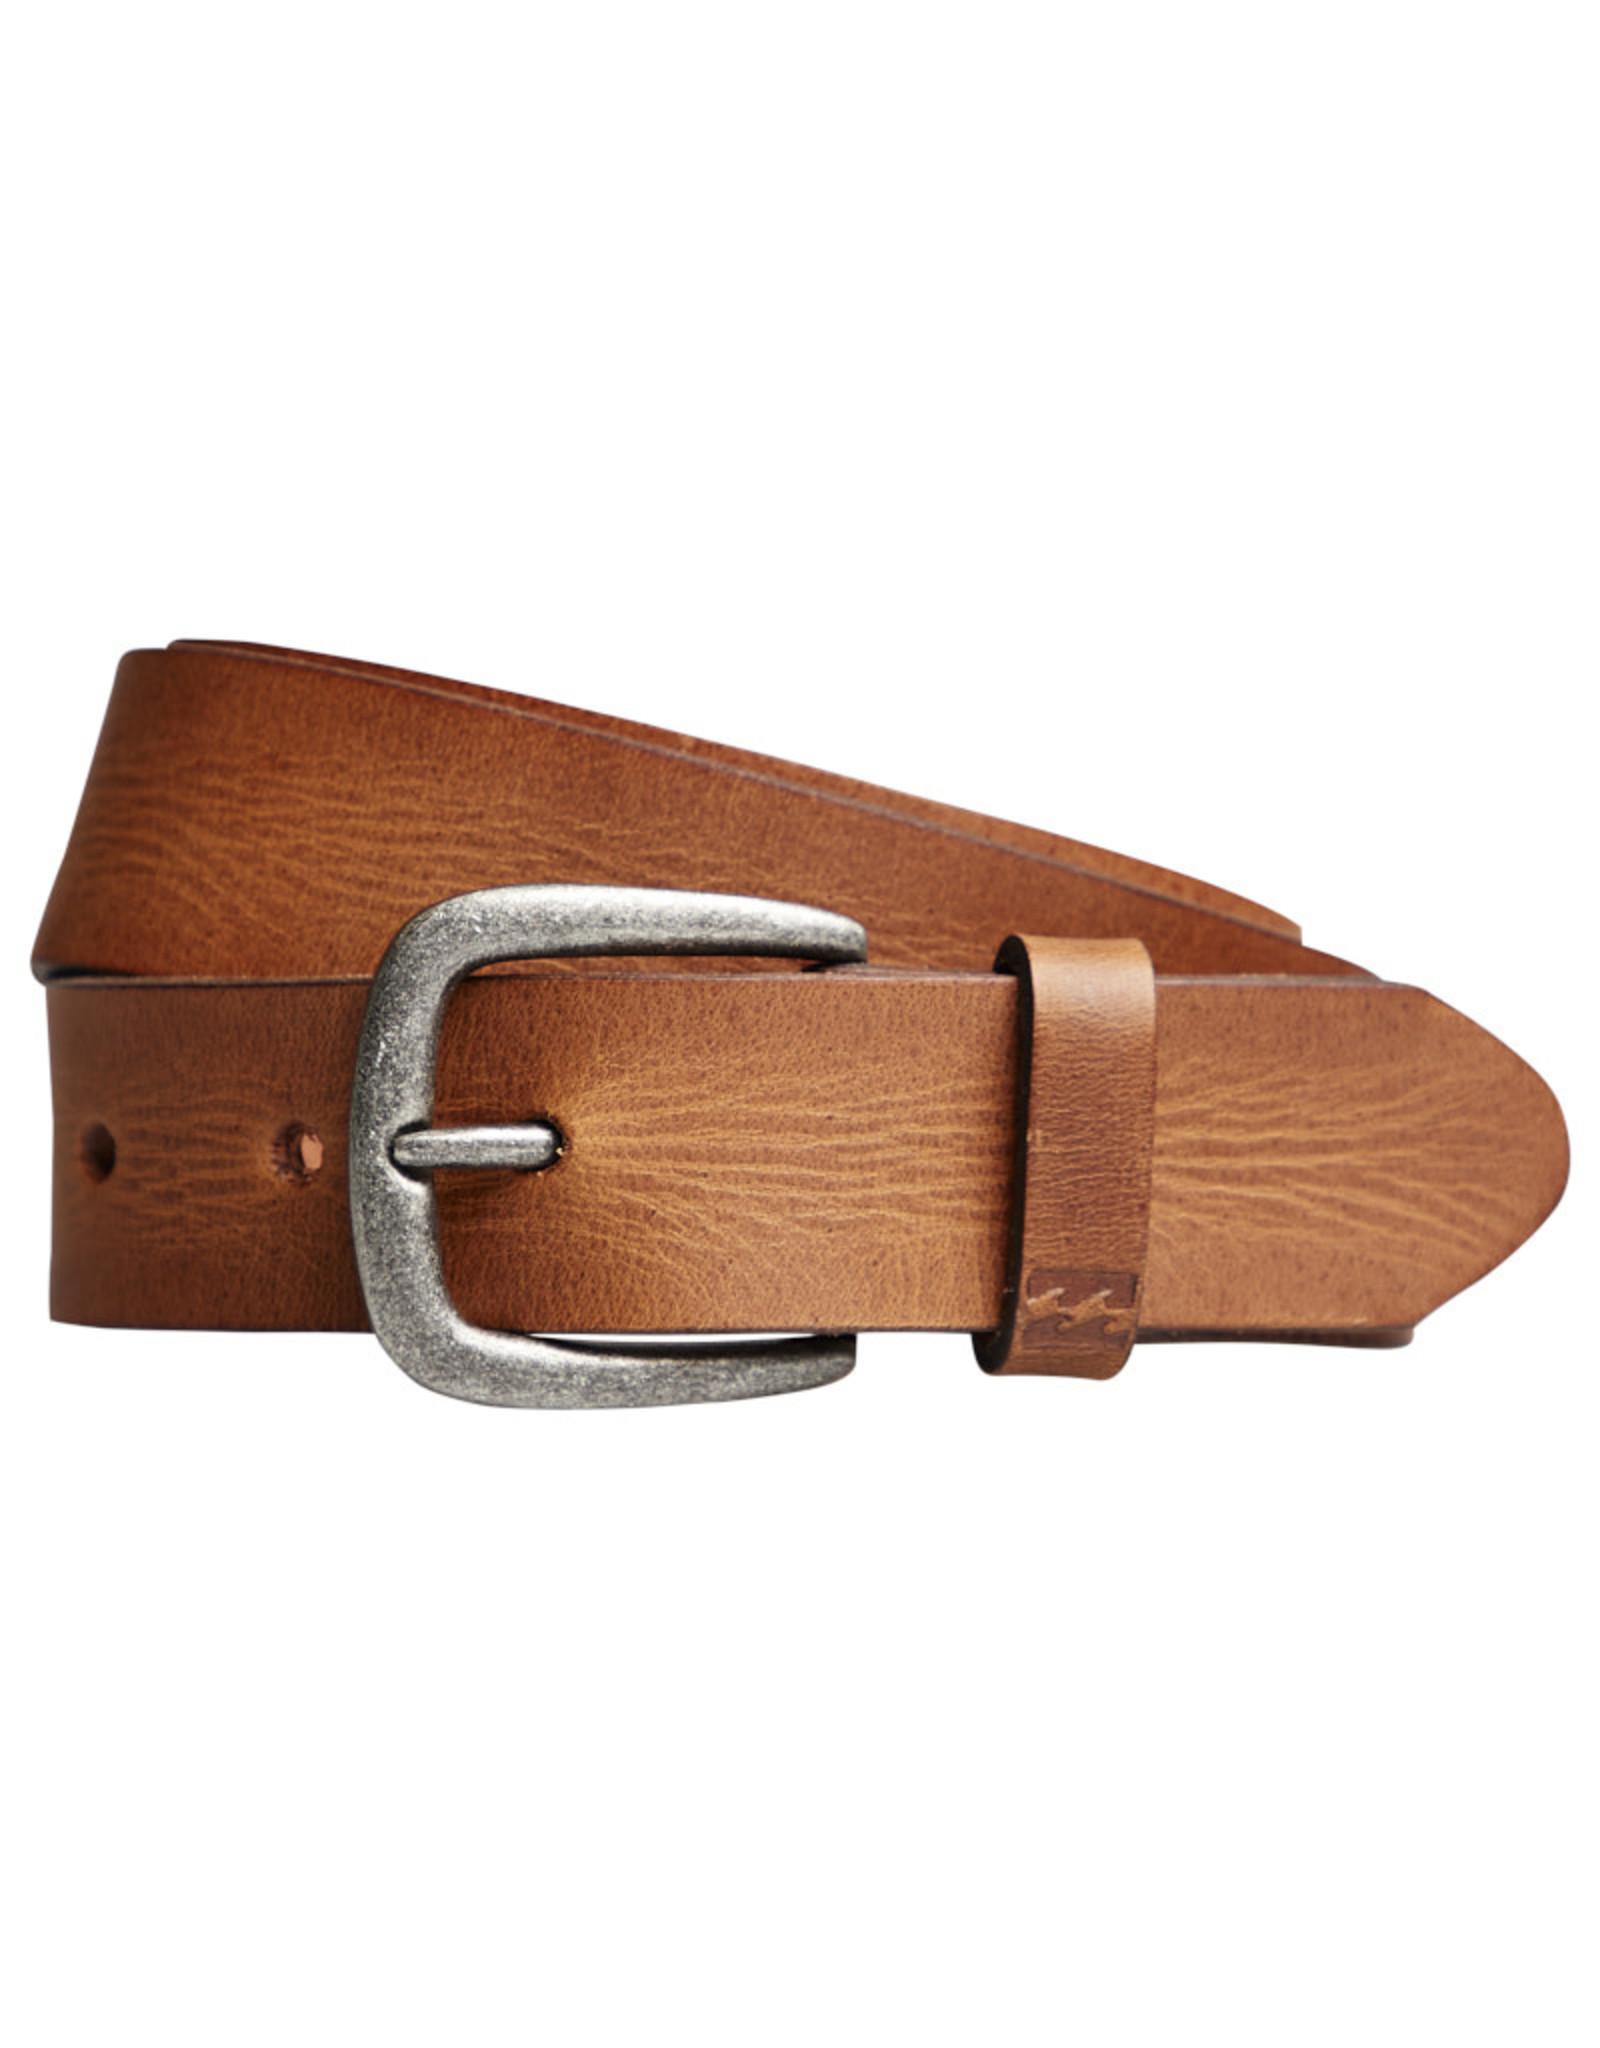 Billabong Billabong All Day Leather Belt Hash